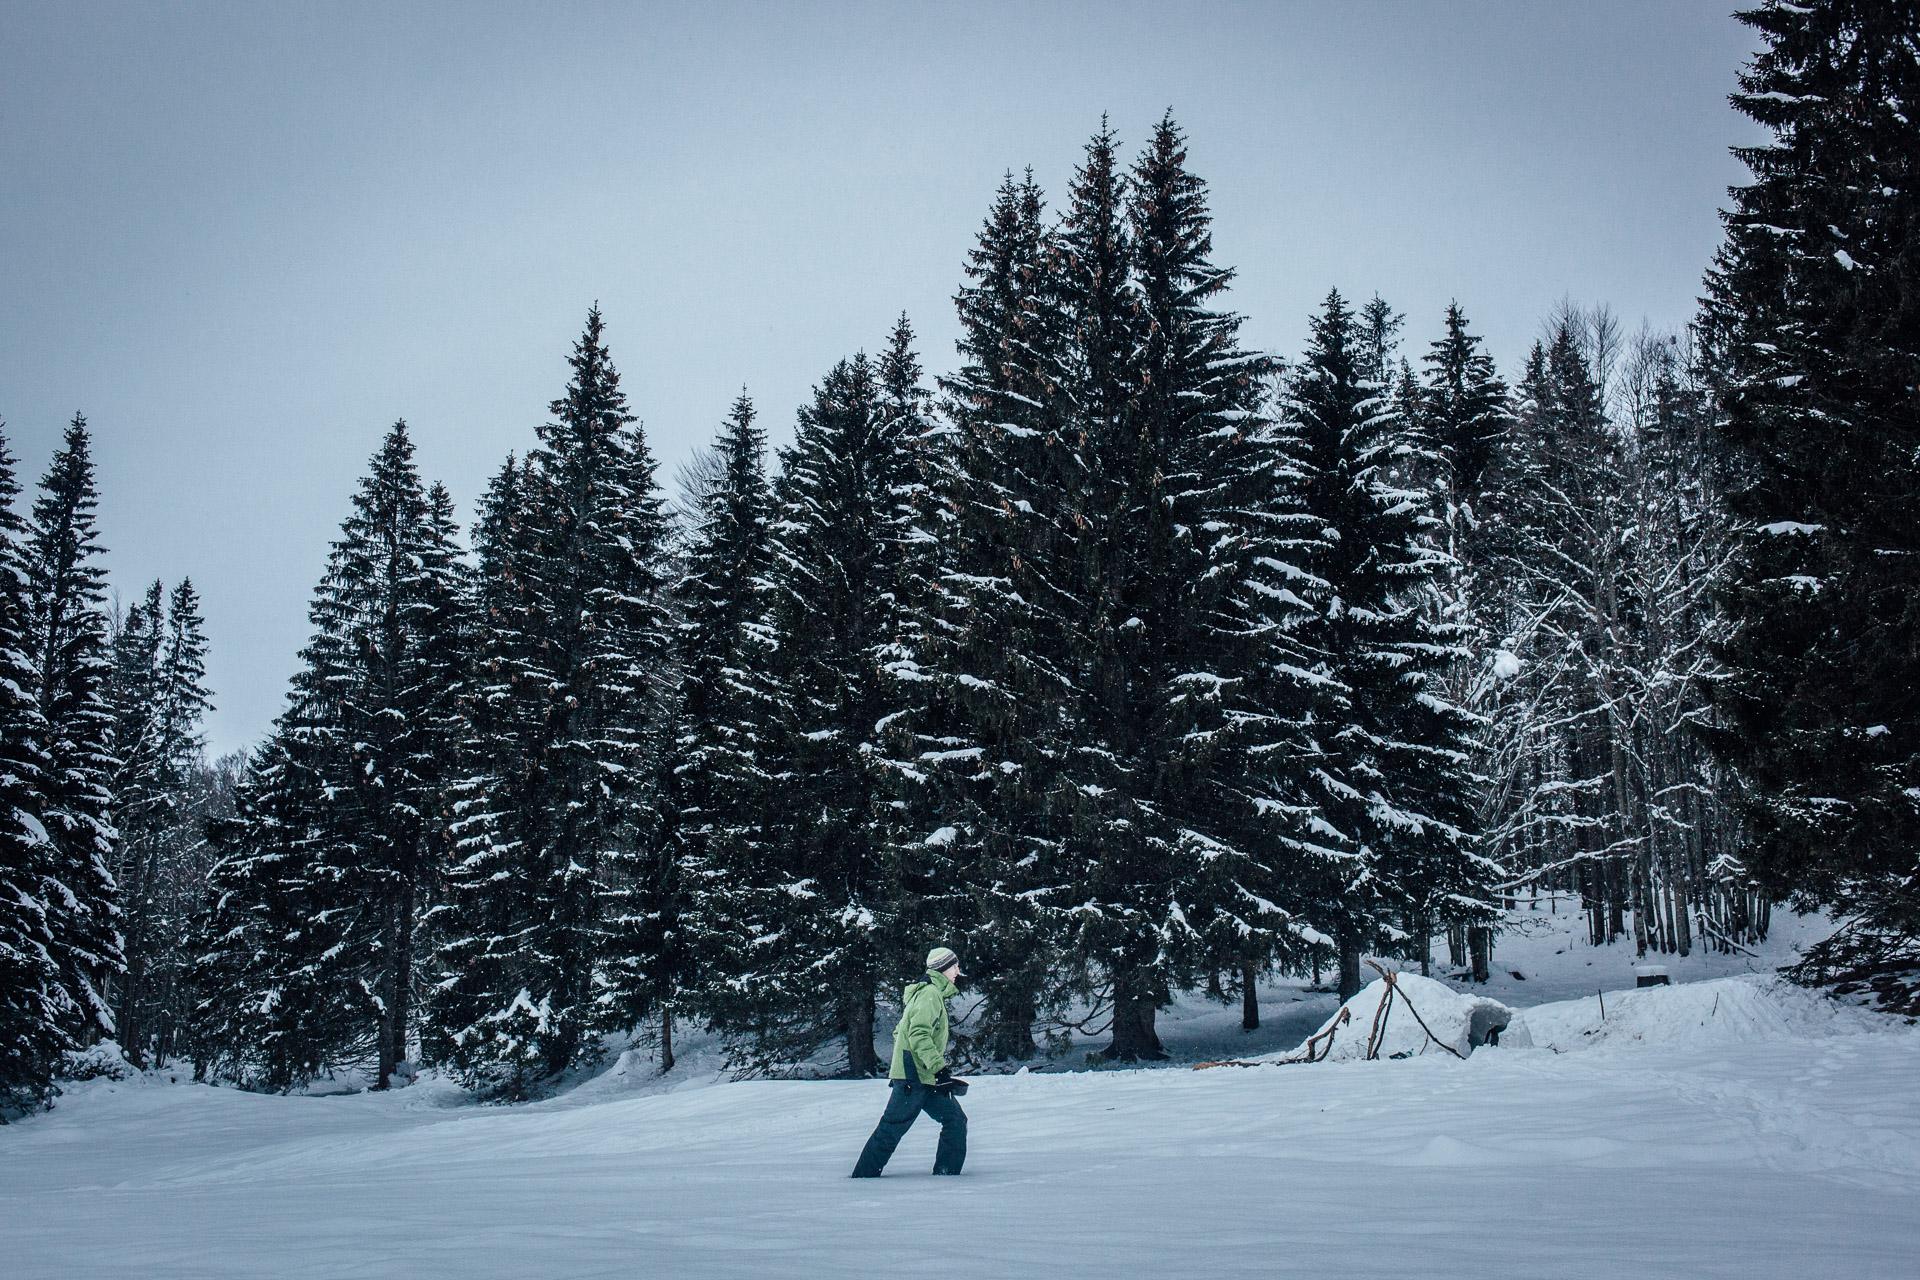 La Pesse, le 26 Janvier 2015. Arnaud, sur le lieux du bivouac, après deux jours passés en stage de survie, dont une nuit passée seul.